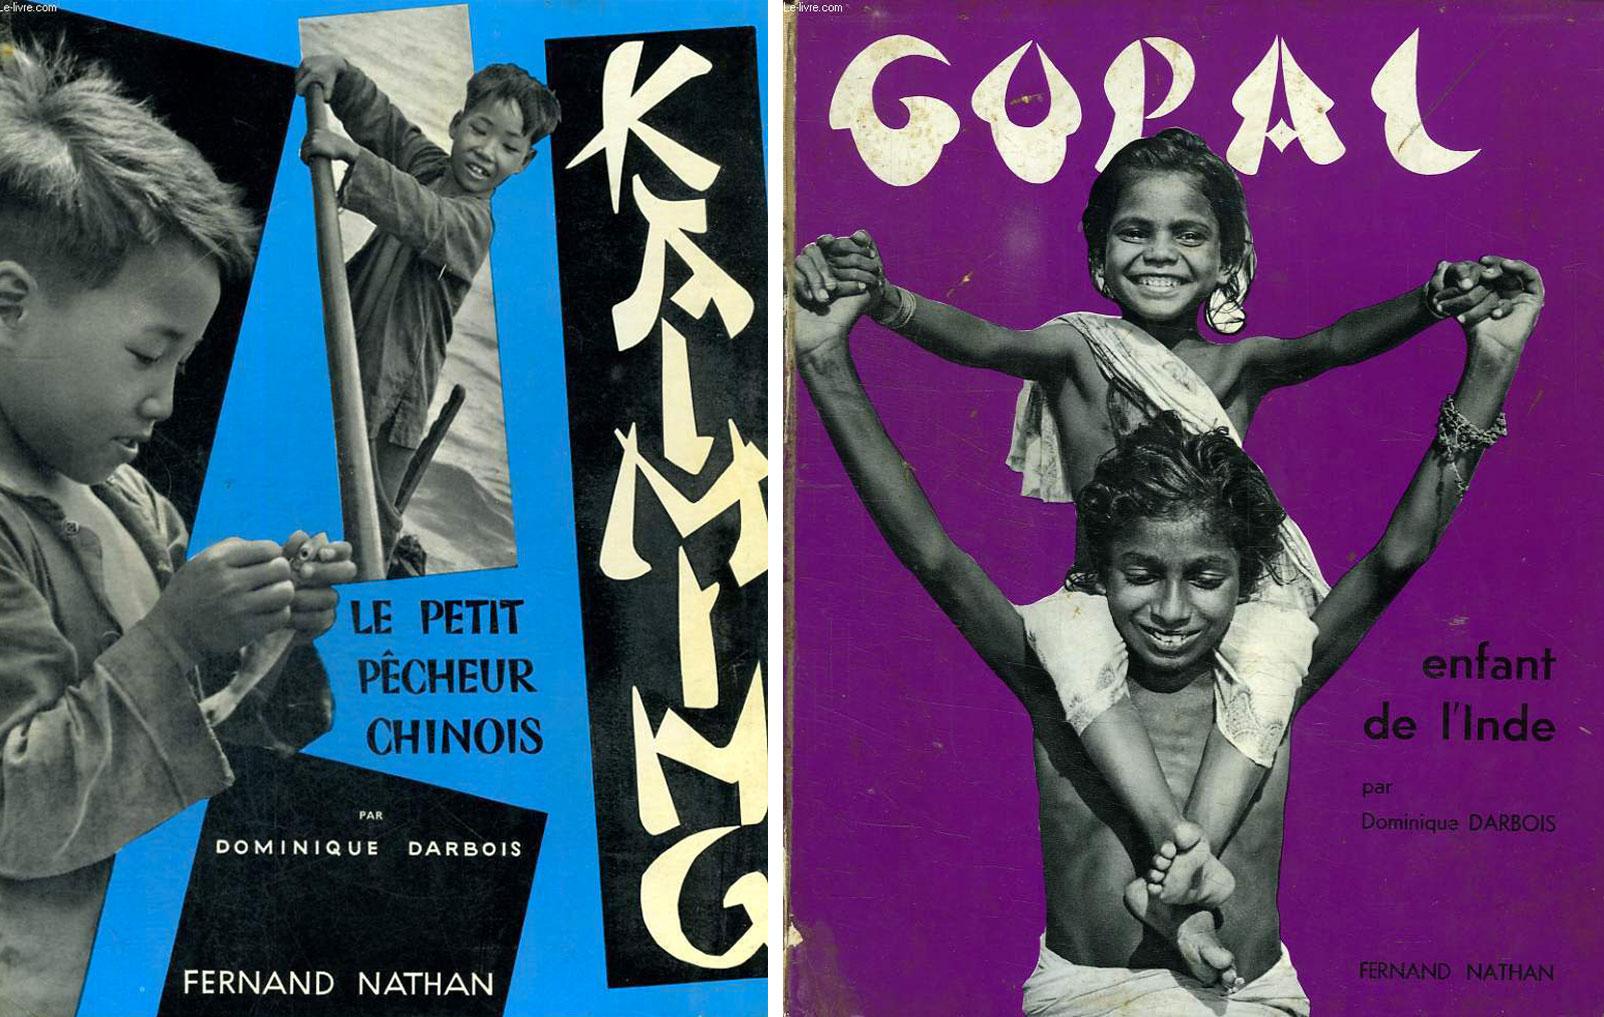 dominique-darbois-livre-collection-enfants-du-monde-graphisme-kai-ming-gopal